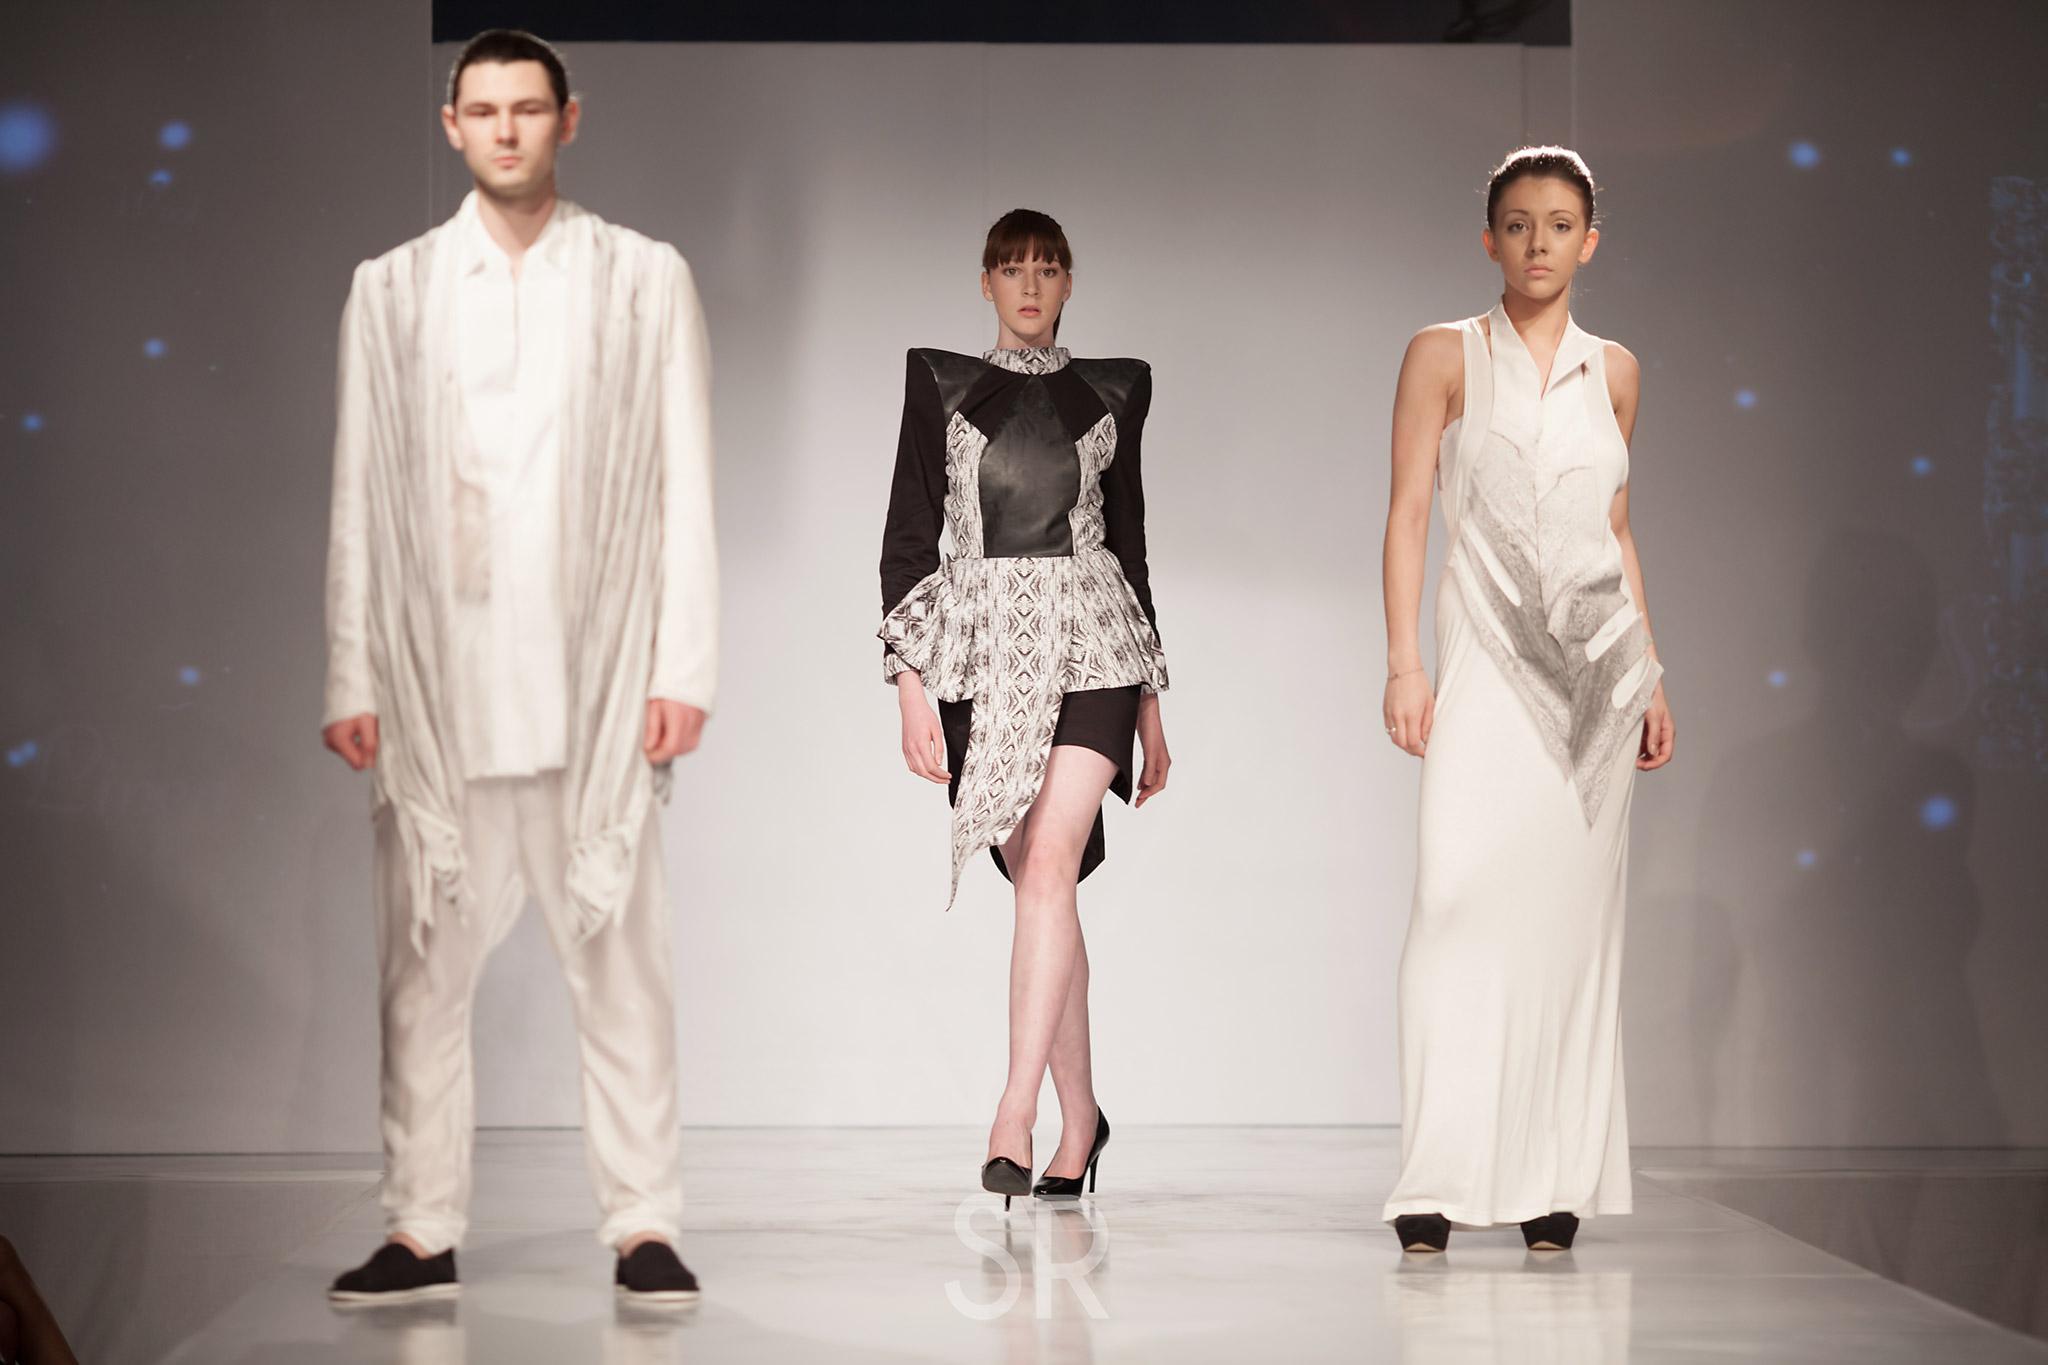 PCA-fashion-show-3.jpg